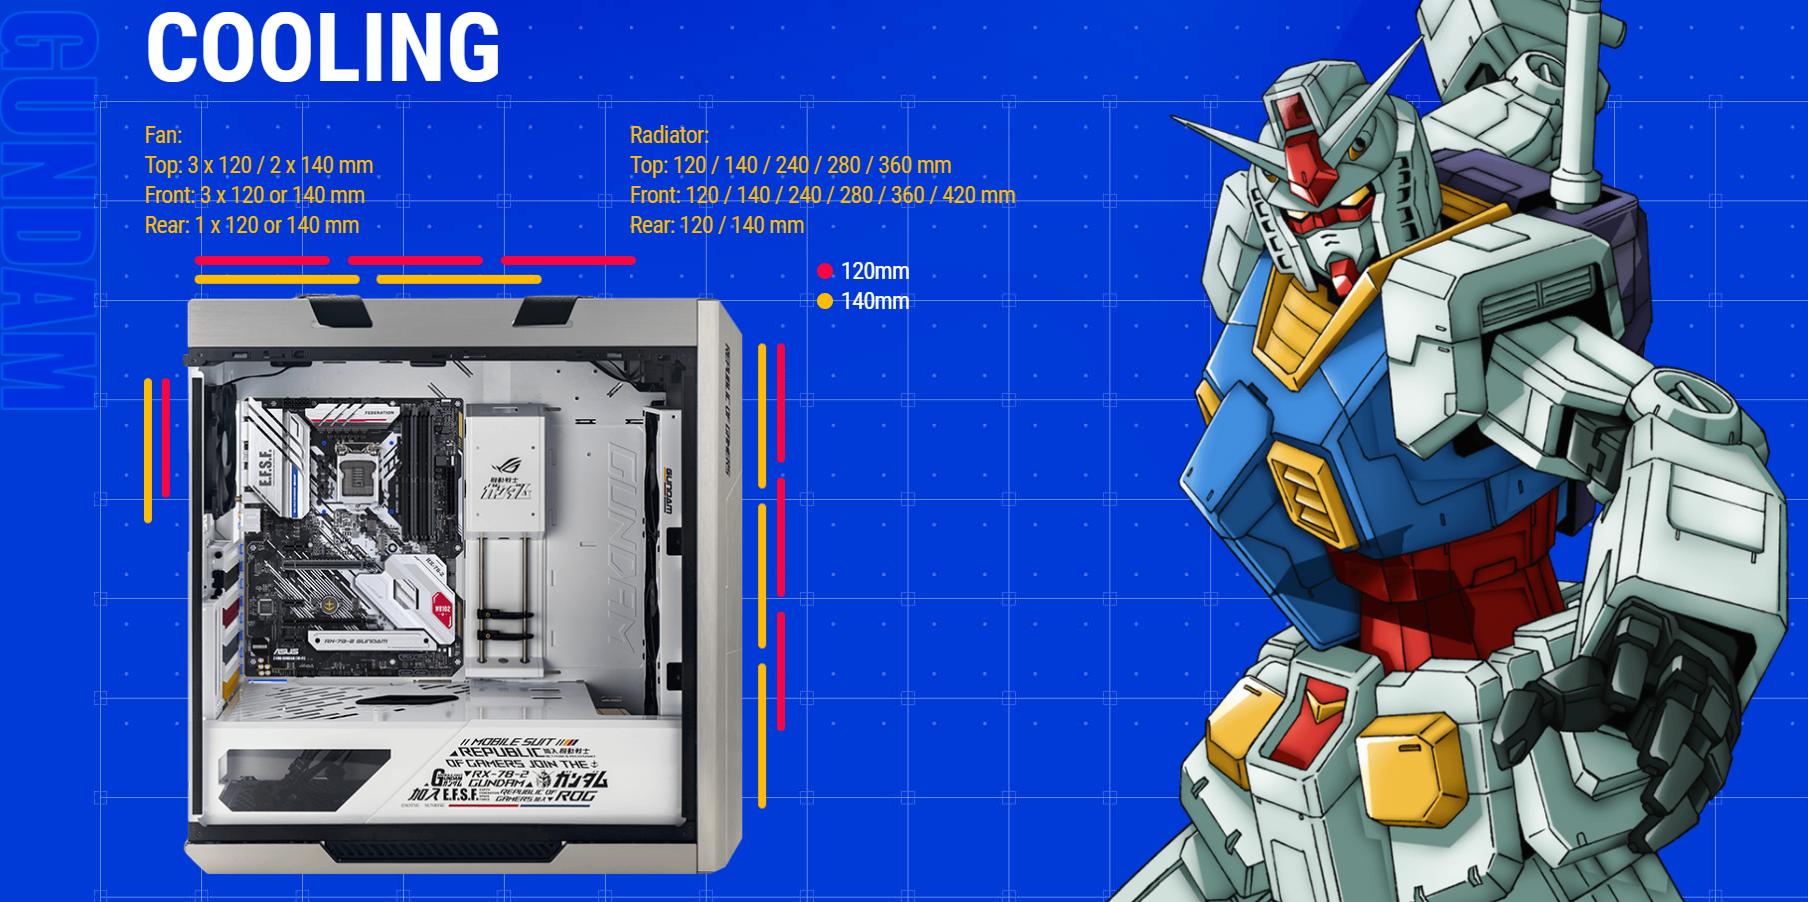 Case ASUS ROG STRIX HELIOS GX601- GUNDAM giới thiệu 5